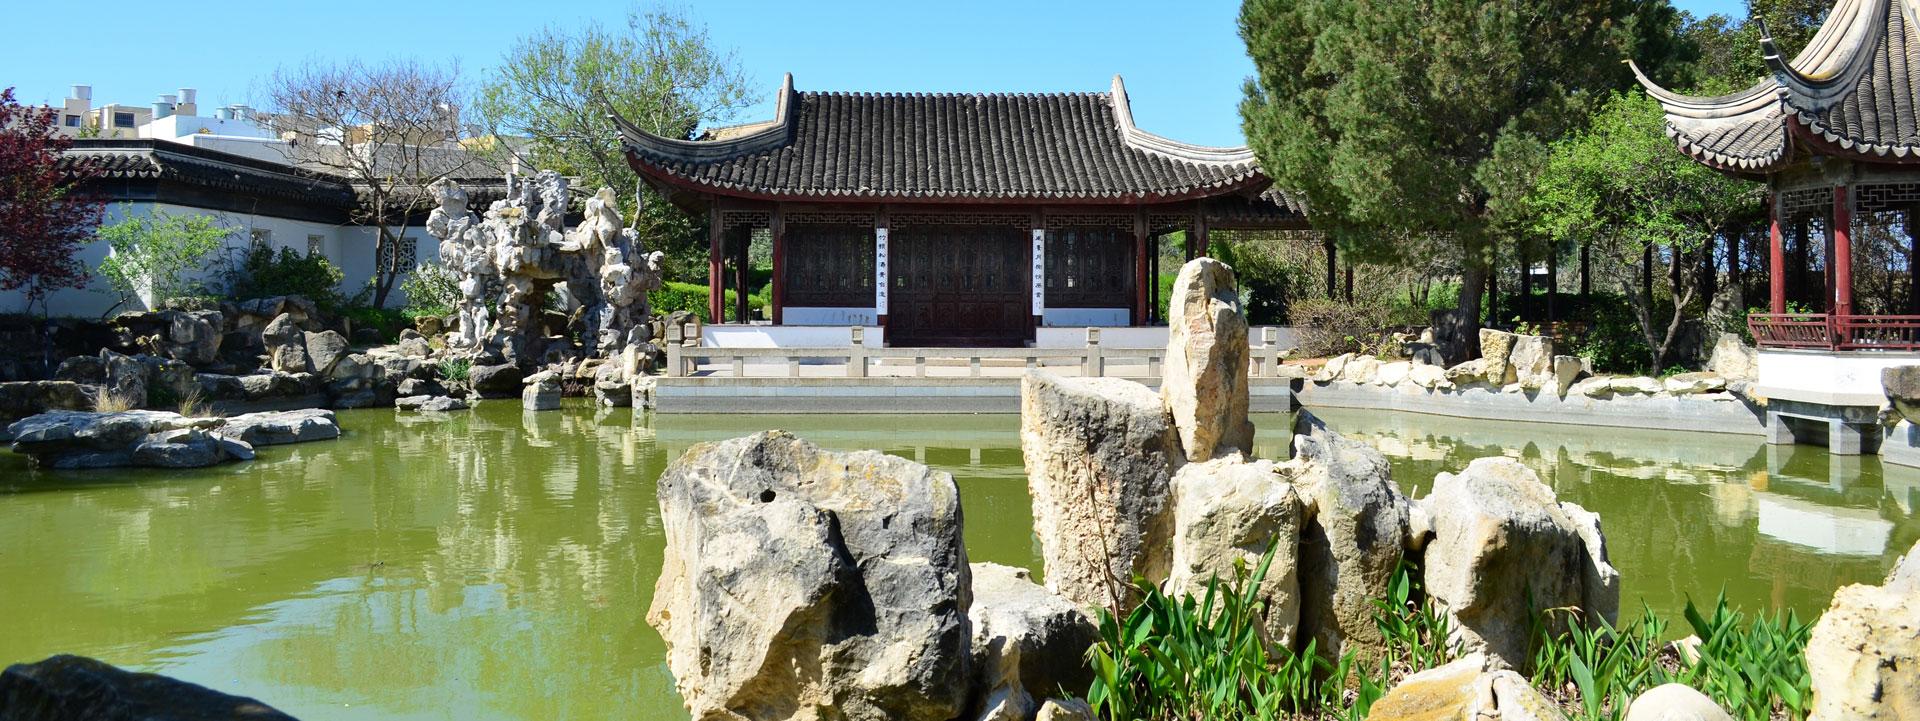 Les jardins lapidaires de la chine ancienne jardins for Jardin chinois